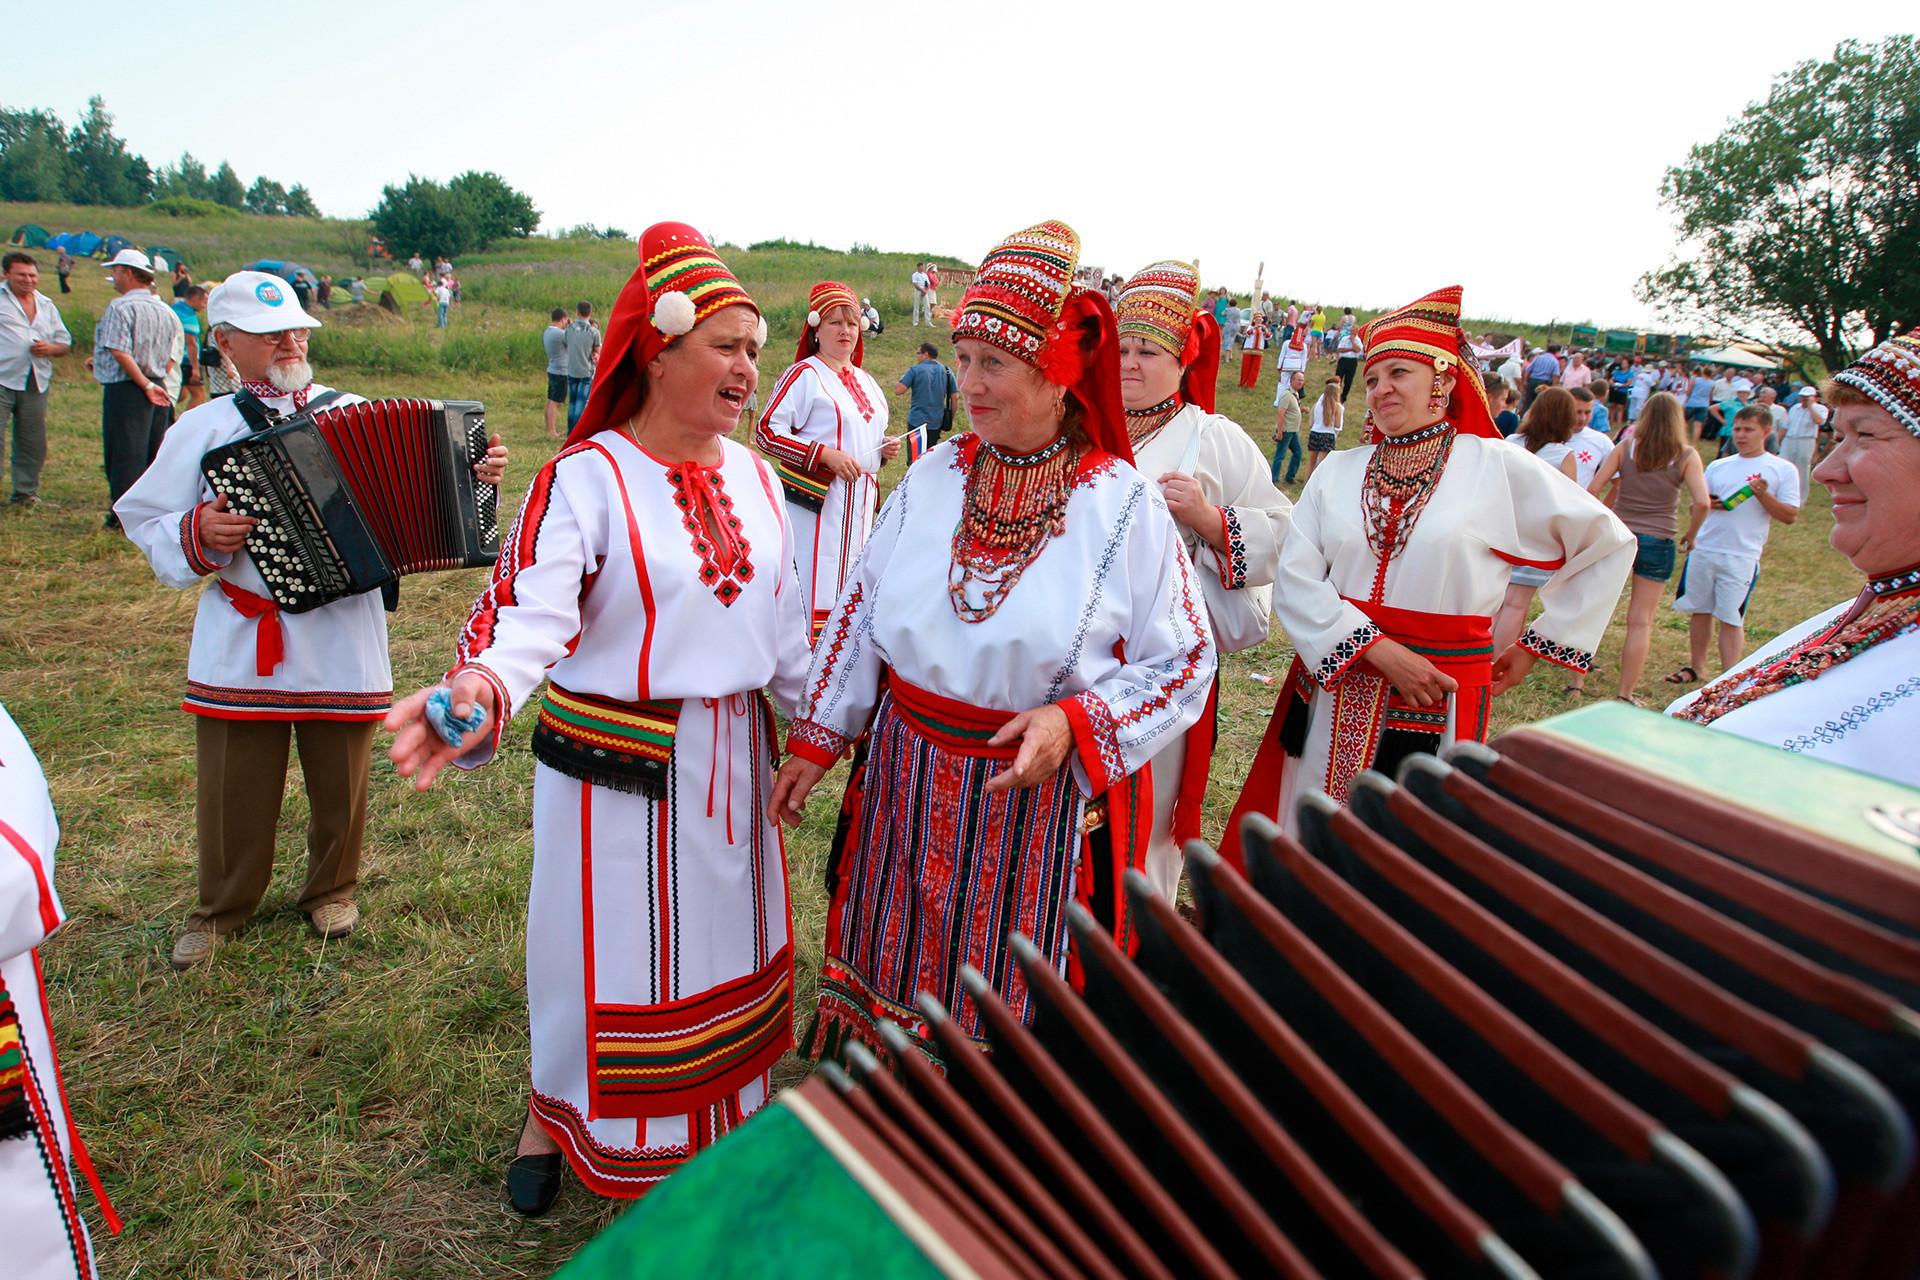 Жители на село Чукали на фолклорен фестивал в Република Мордовия